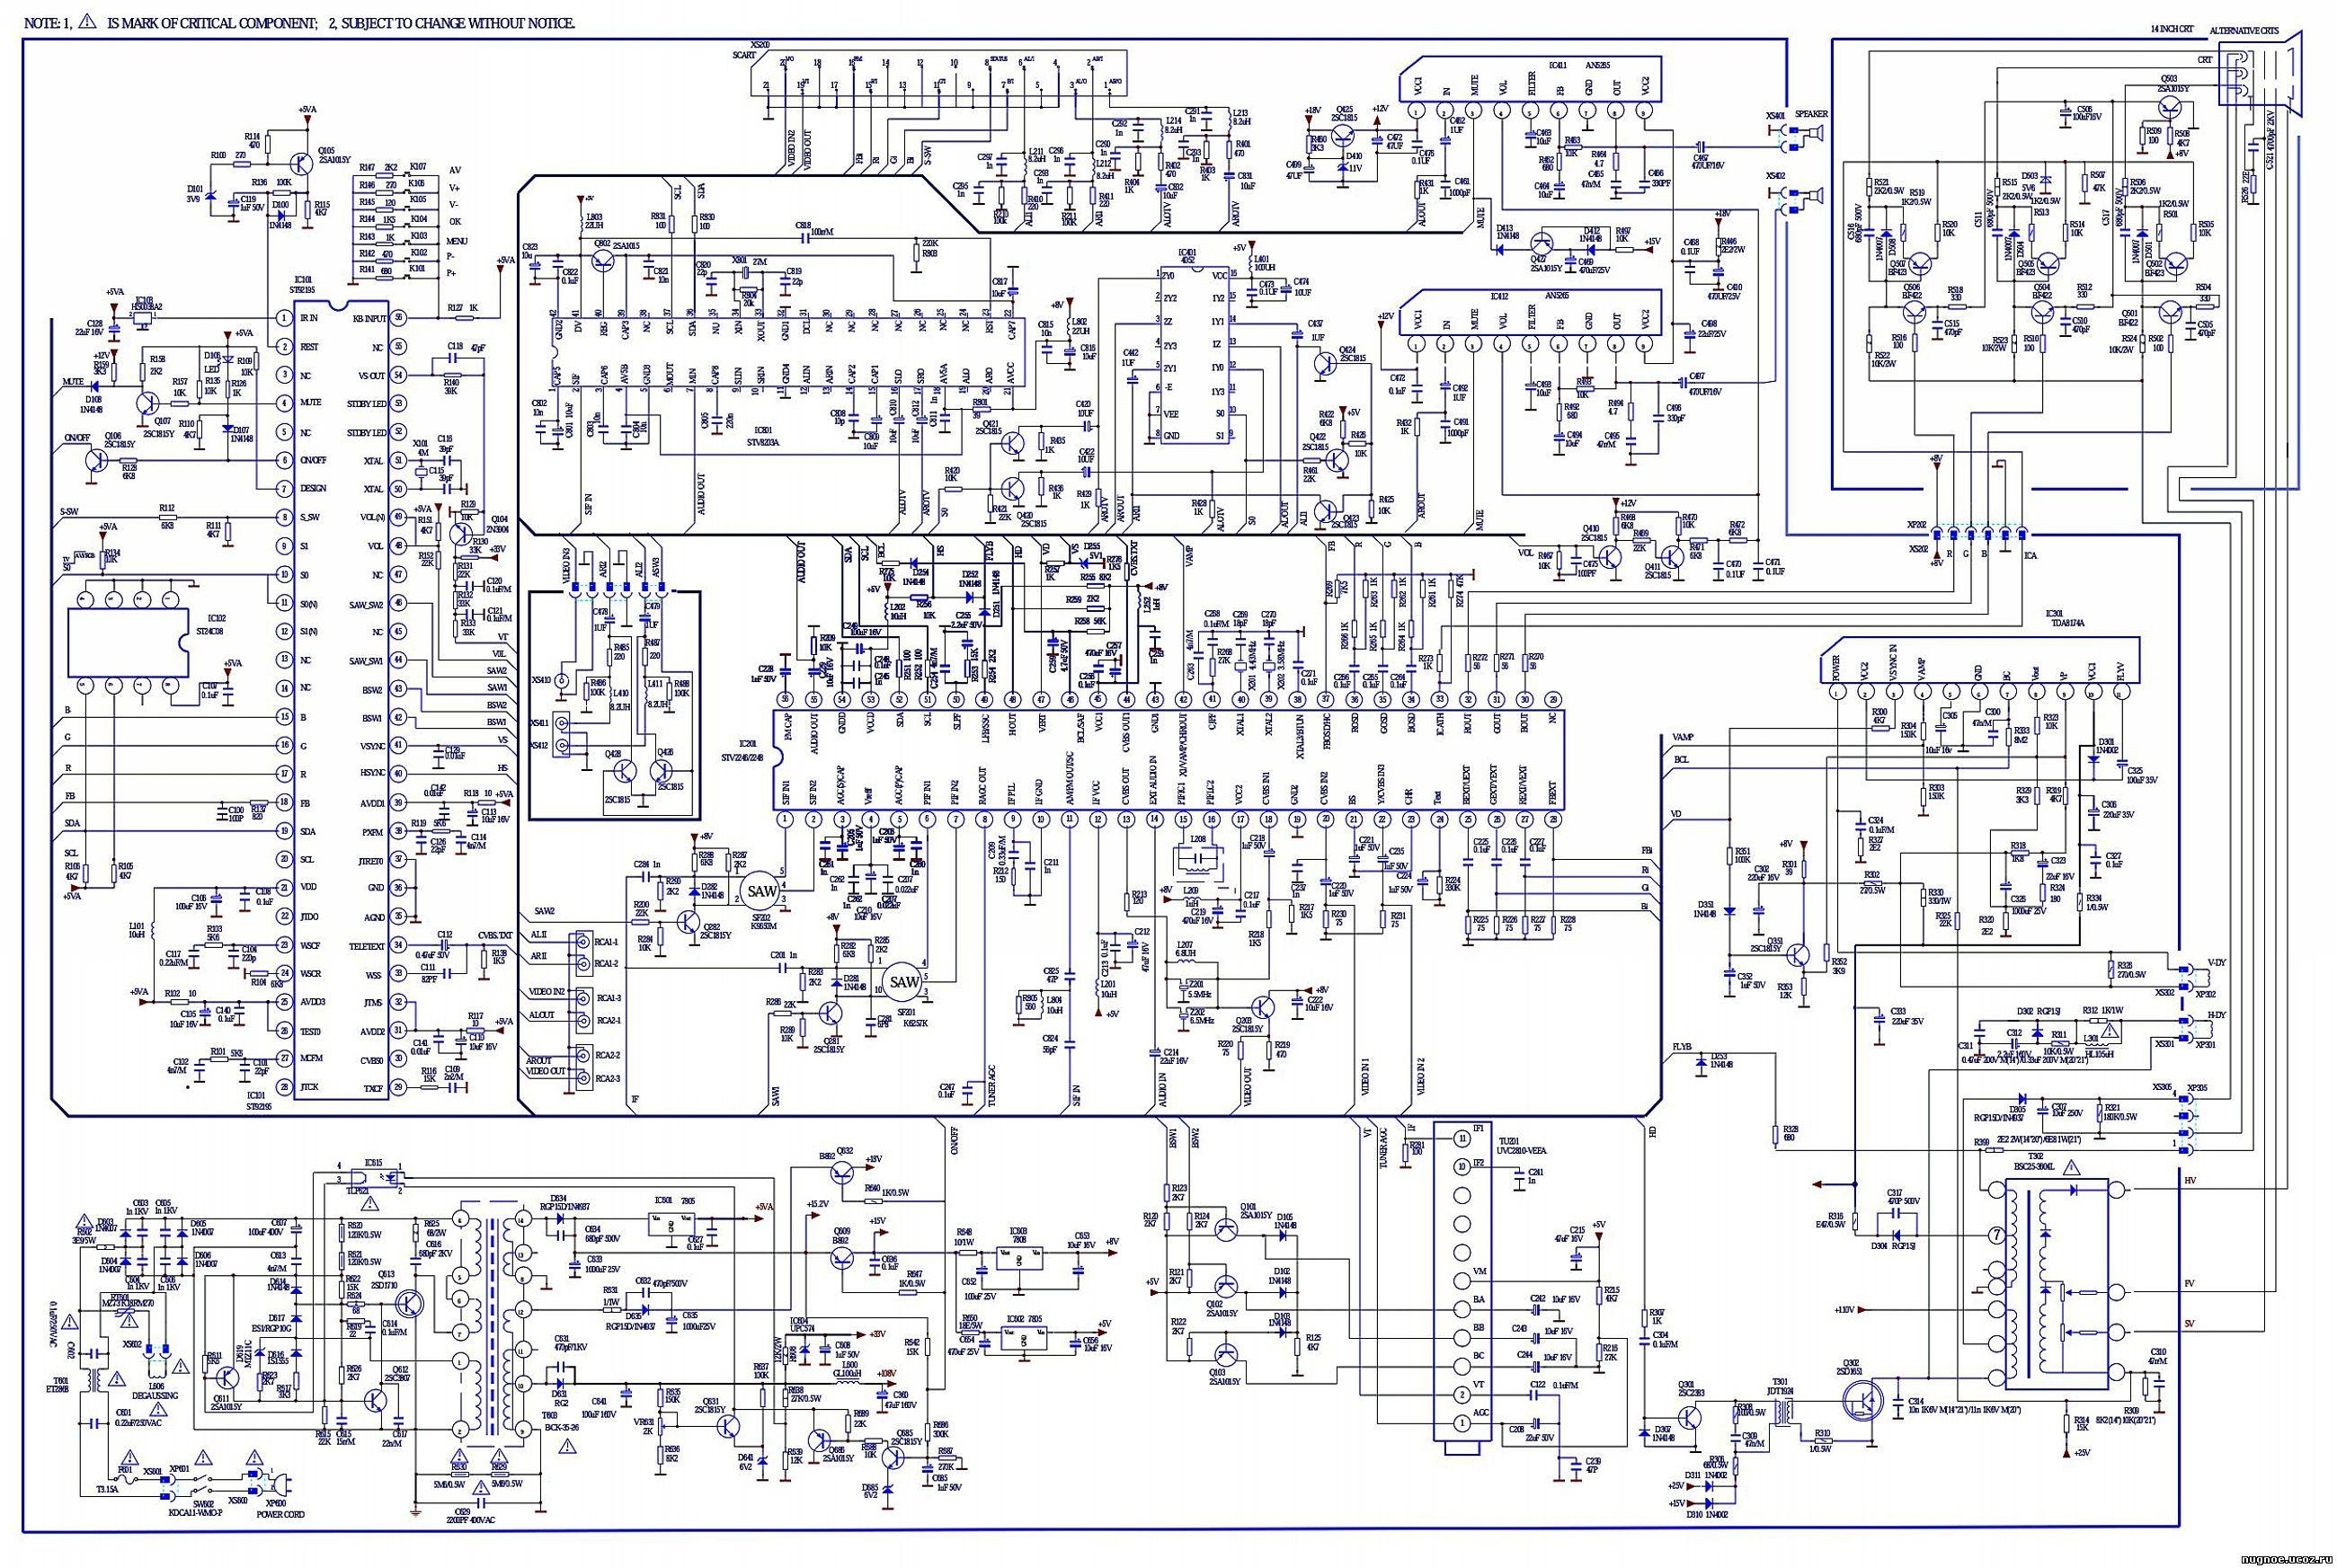 схема телевизора на базе шасси klx-s10x-t